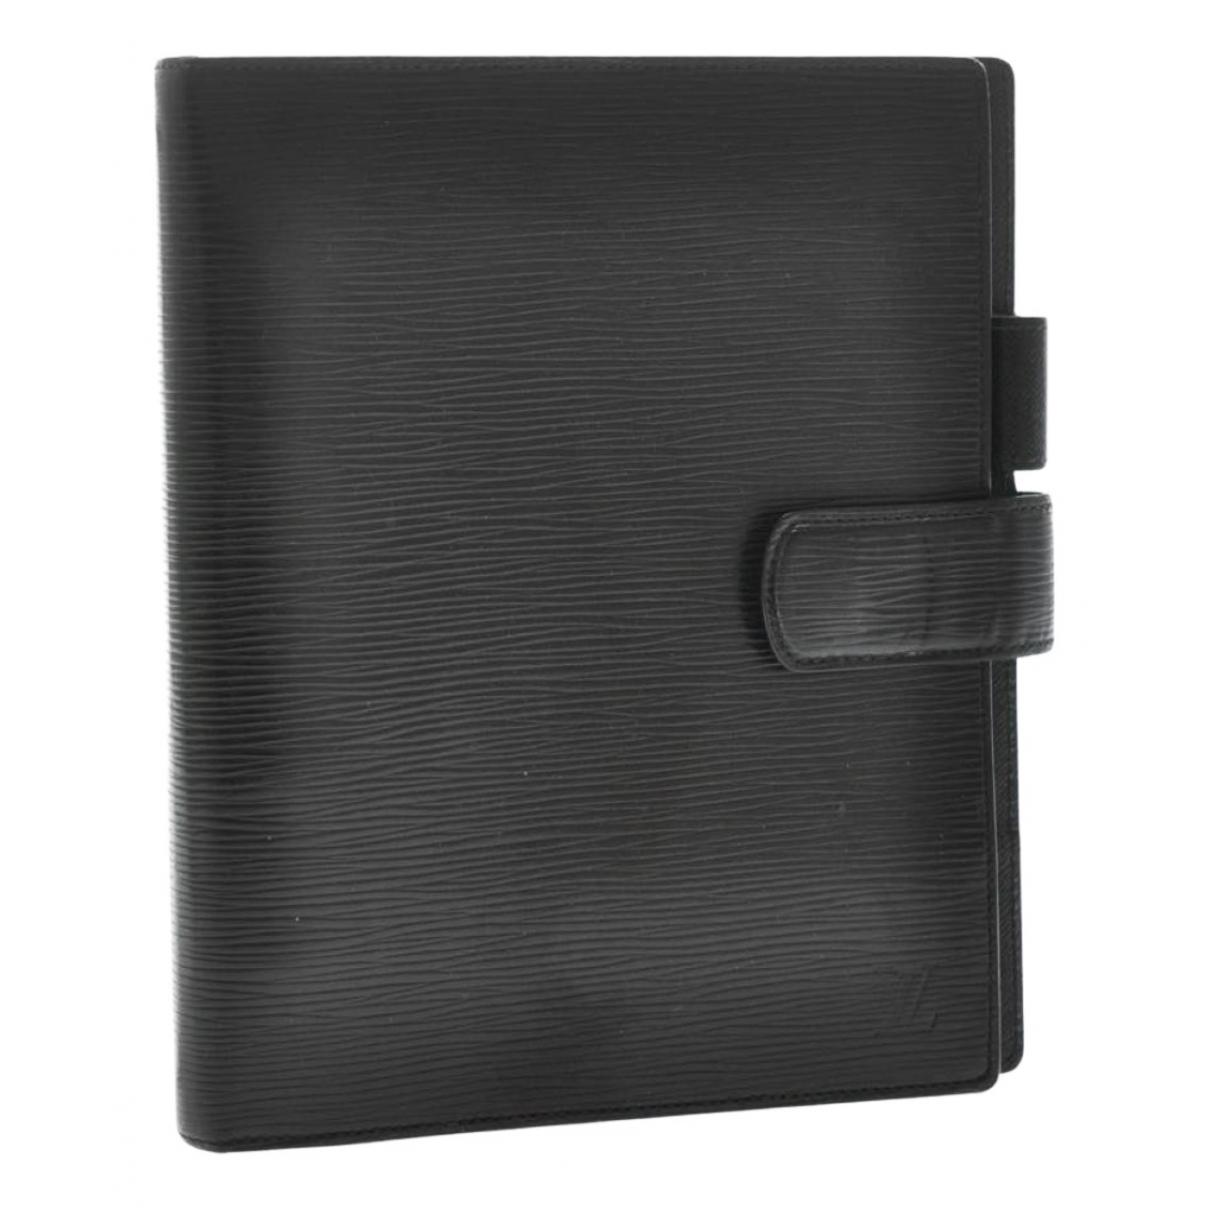 Louis Vuitton - Objets & Deco Couverture d'agenda MM pour lifestyle en cuir - noir